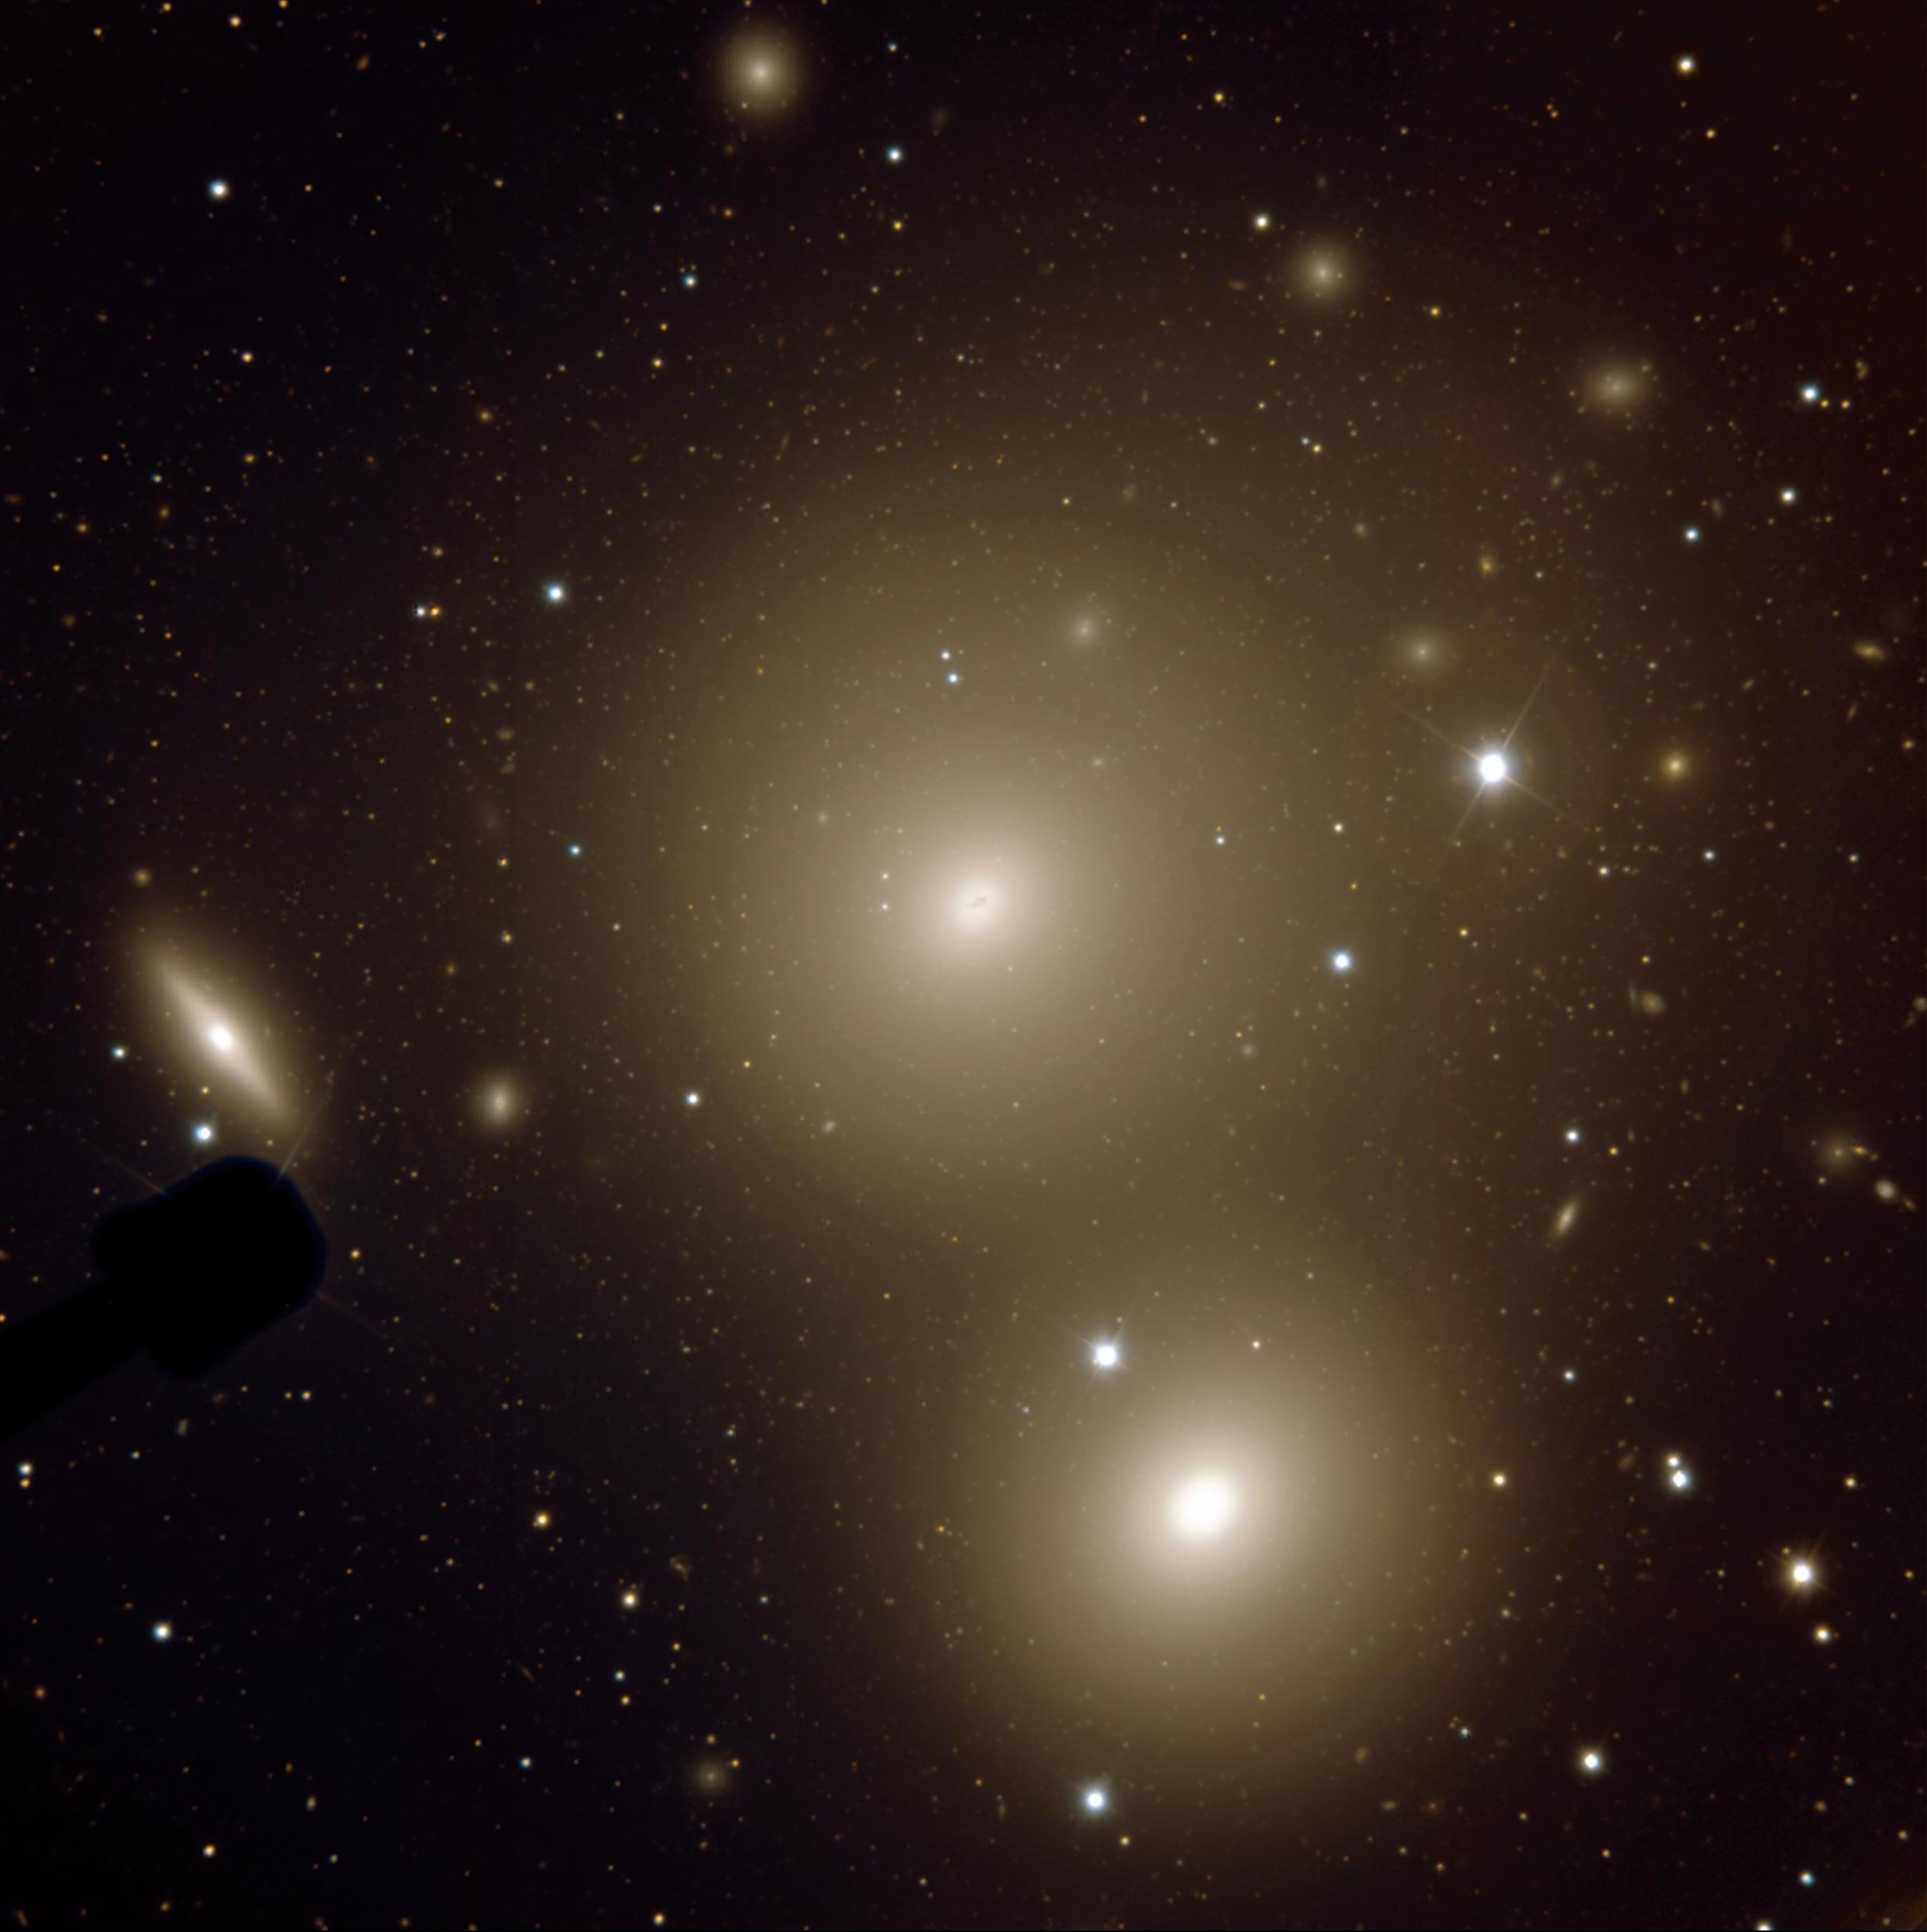 NGC3311-Gemini-20080310ngc33110001-cut1-rot